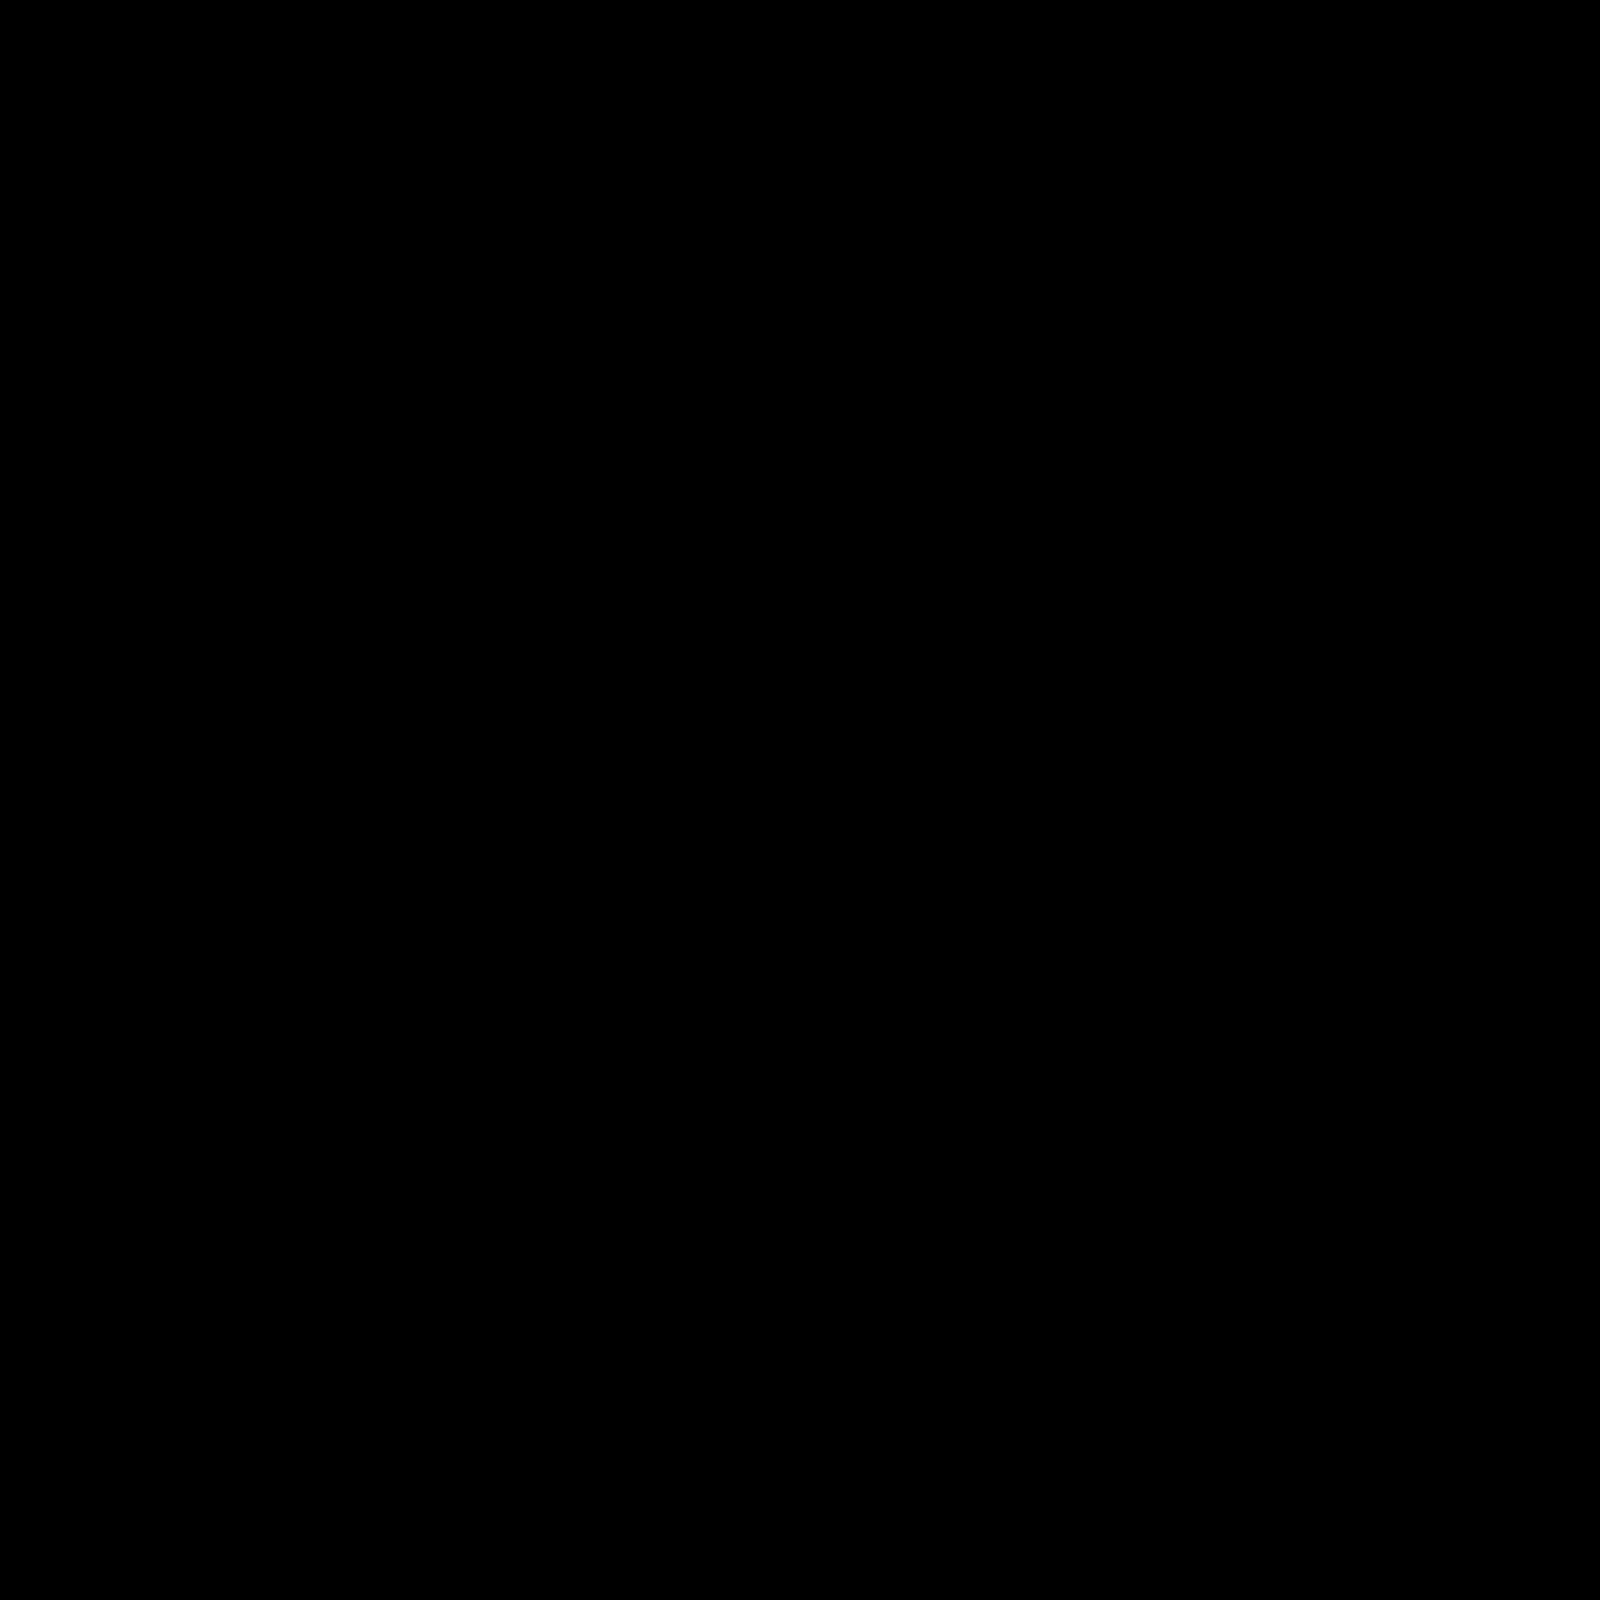 Docunemtsをマージする icon